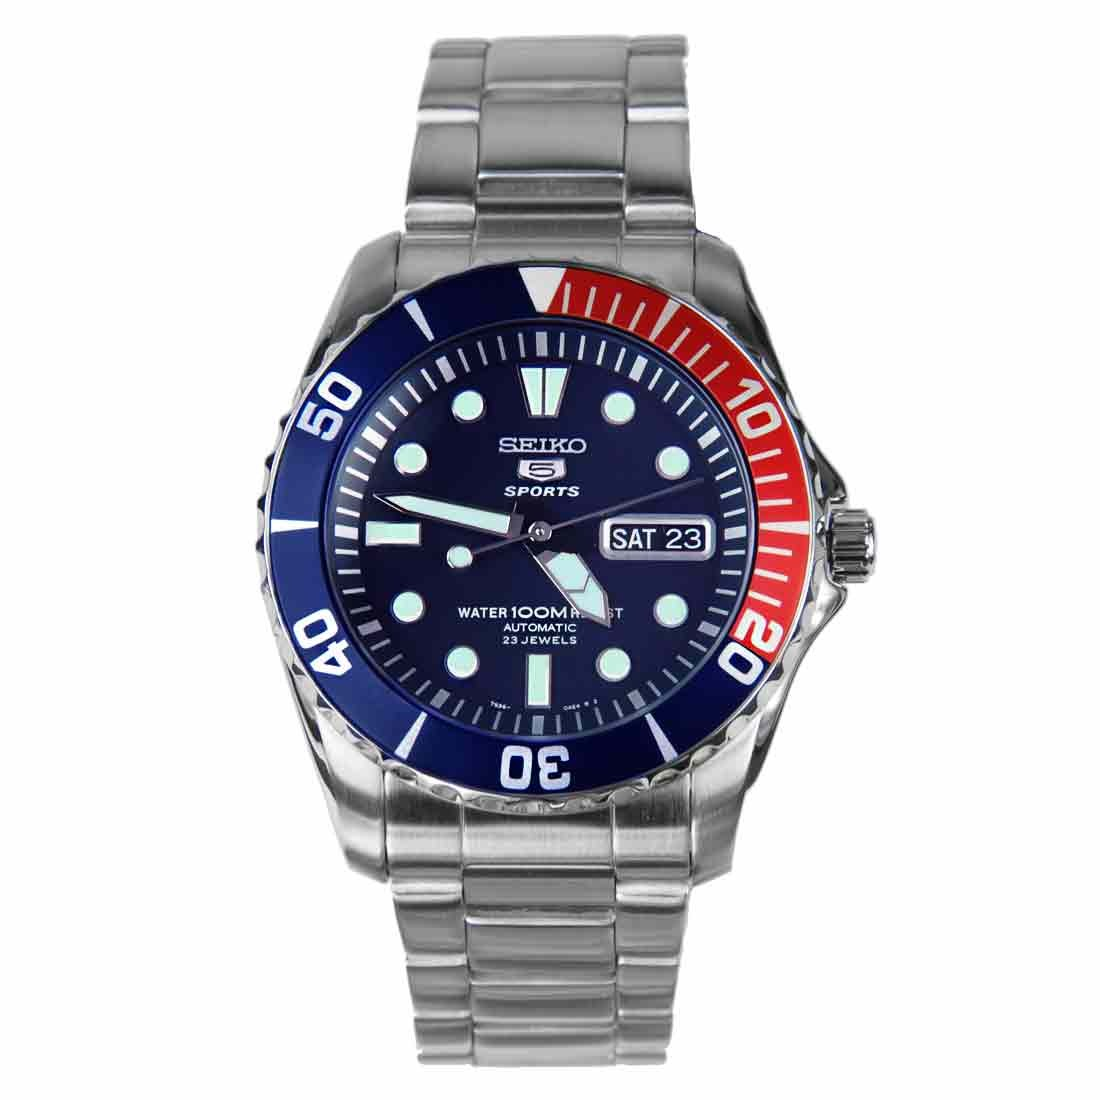 นาฬิกาผู้ชาย SEIKO Submariner Automatic รุ่น SNZF15K1 Men's Watch